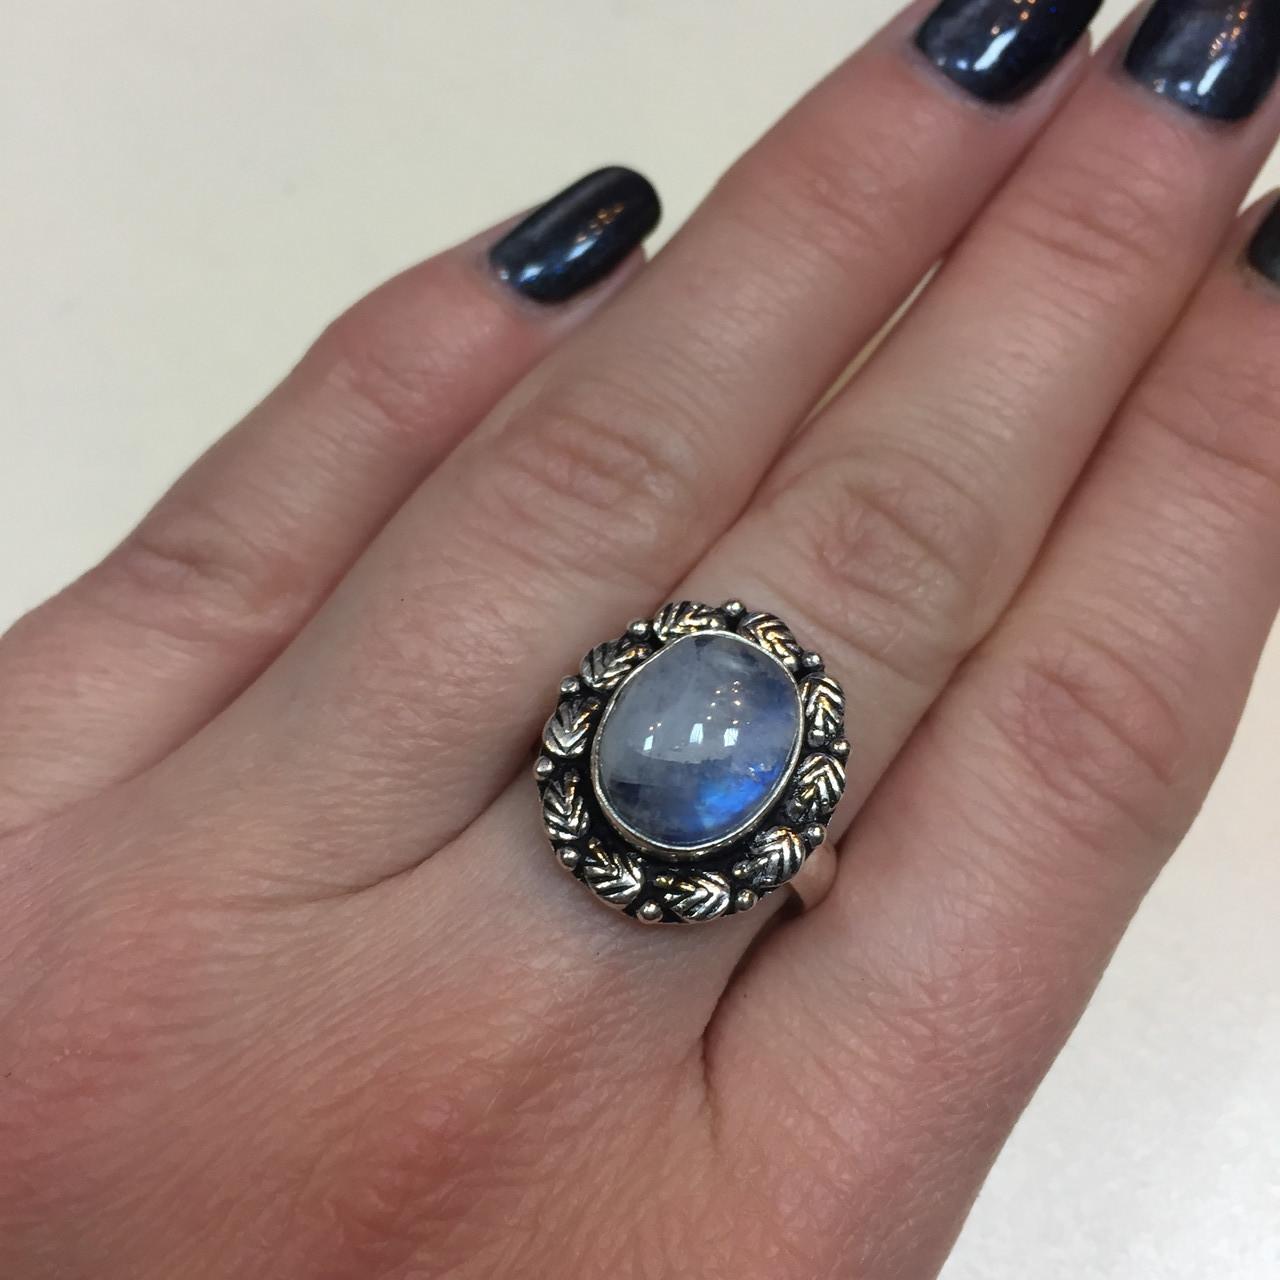 Кольцо круглое лунный камень в серебре. Кольцо с лунным камнем адуляр размер 18-18,3 Индия